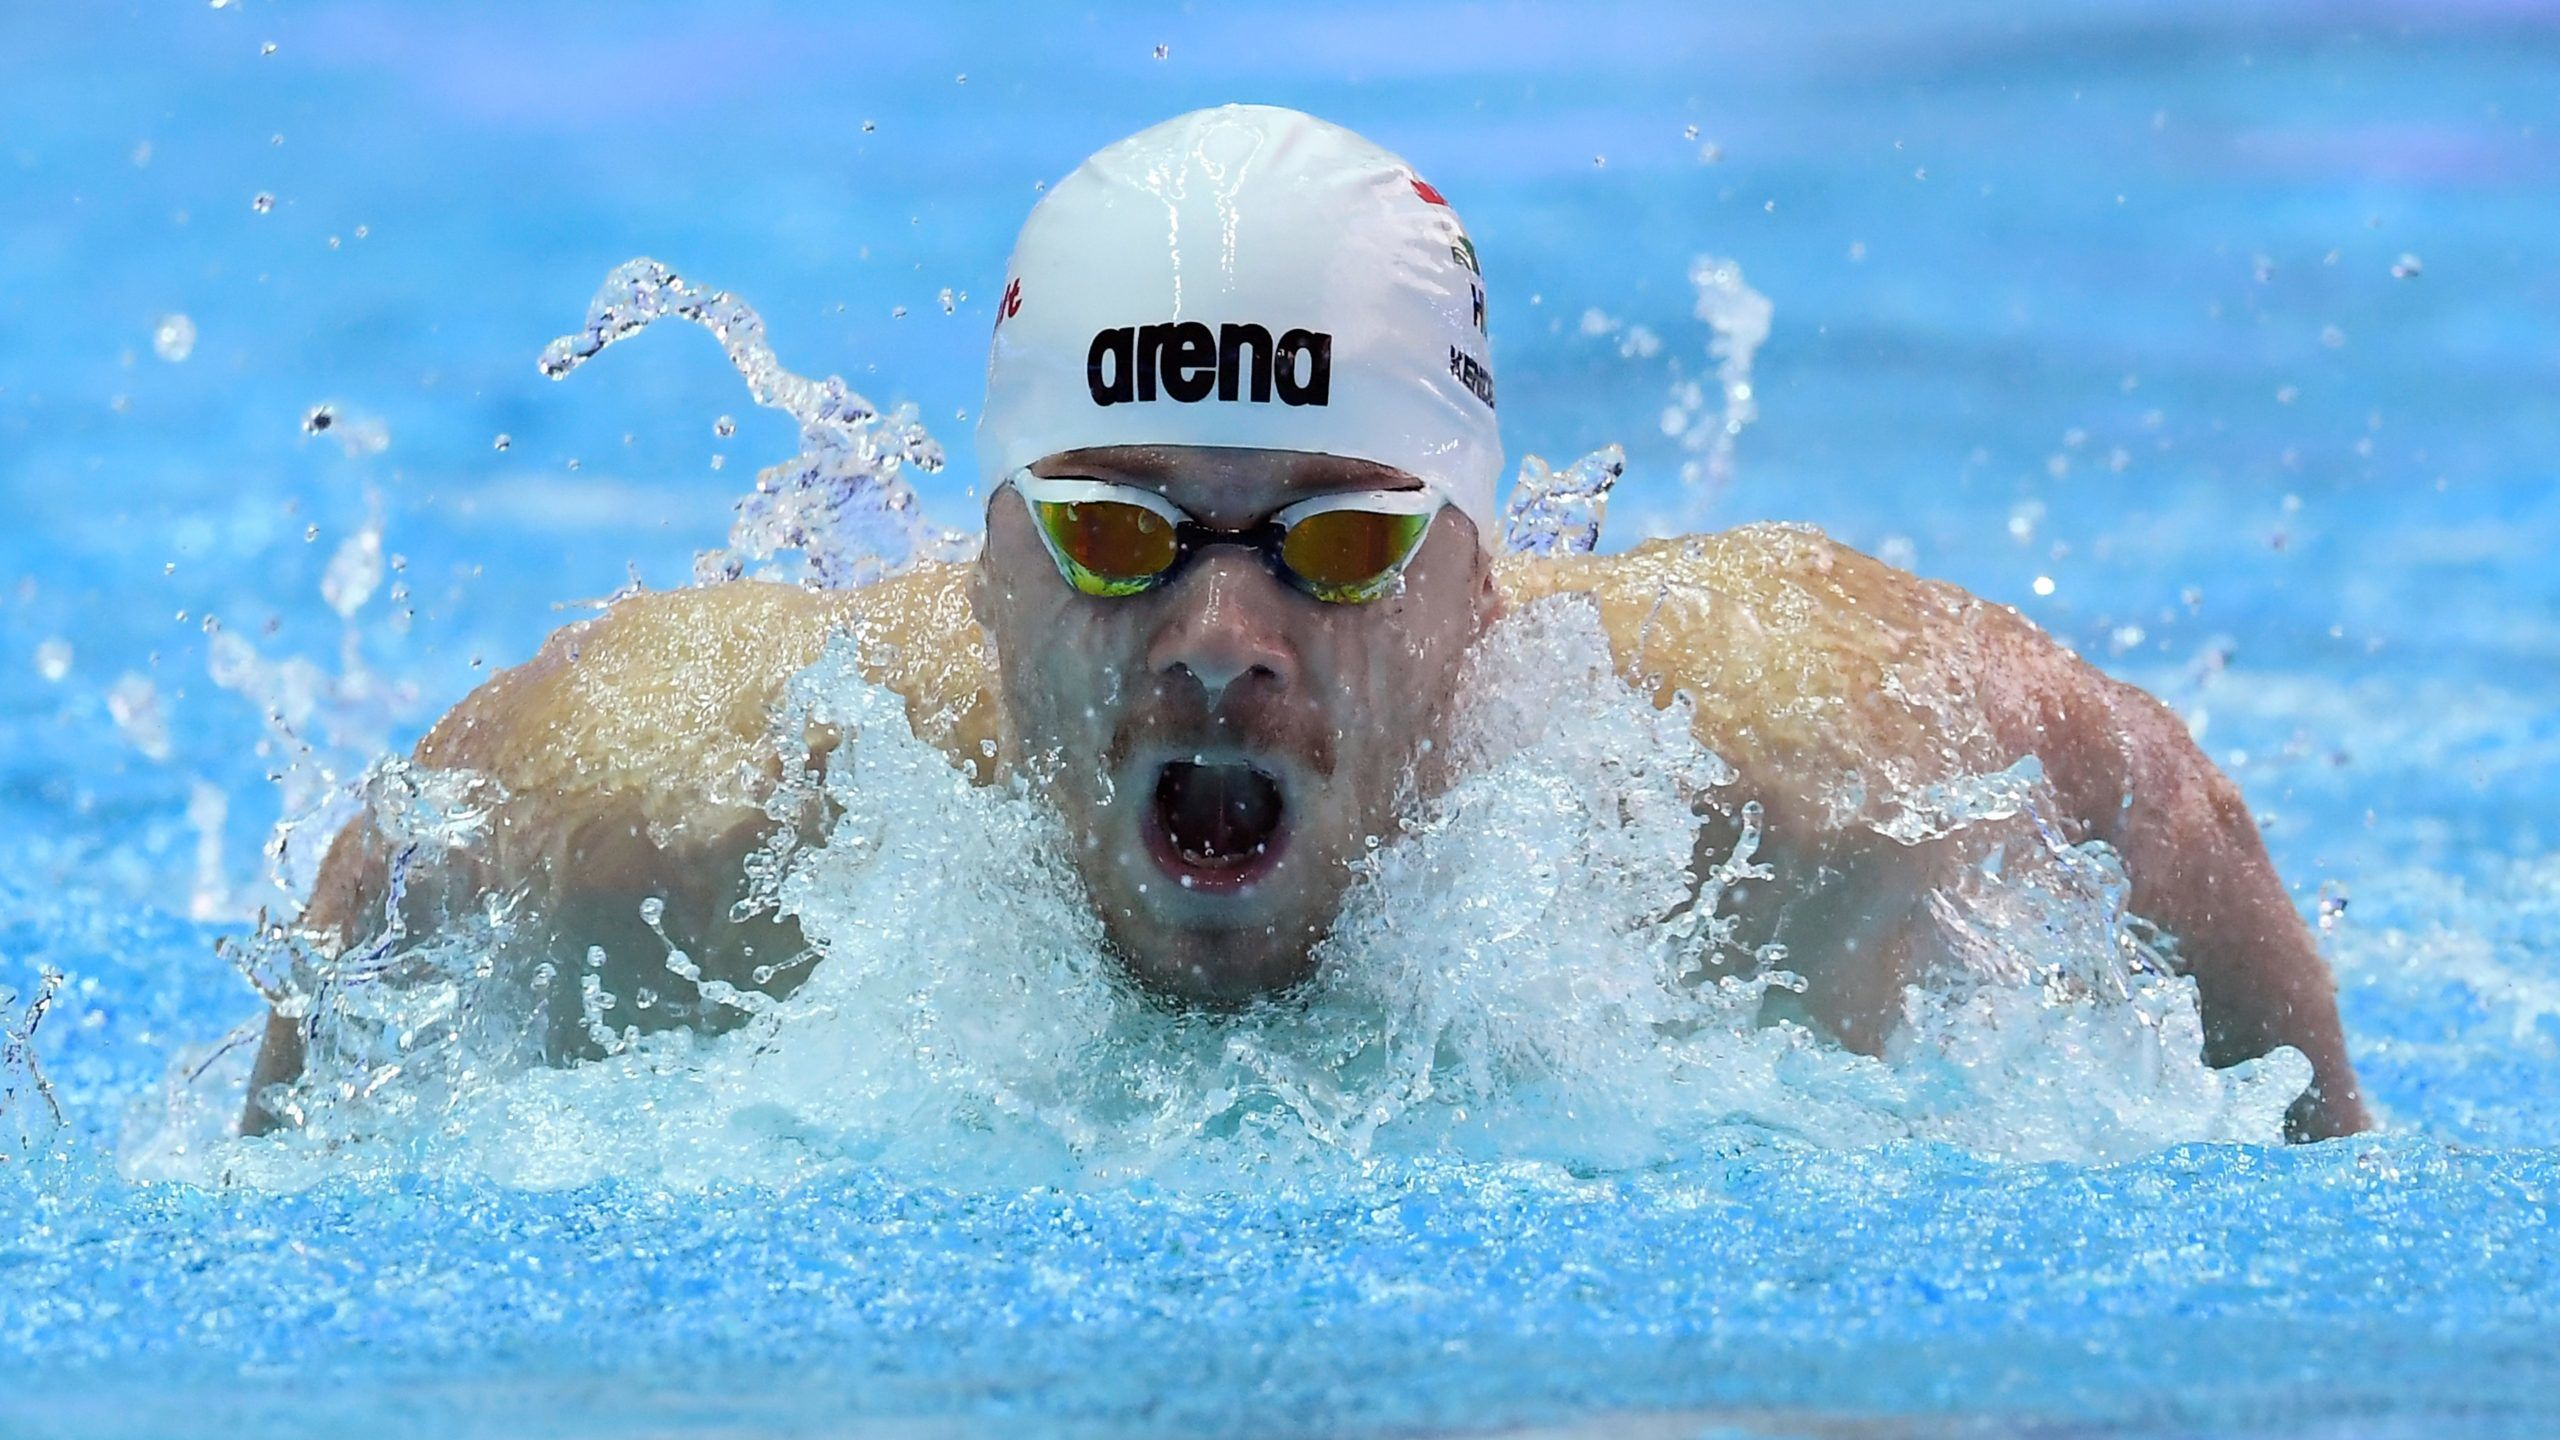 Kvangdzsu, 2019. július 23.Kenderesi Tamás a férfi 200 méteres pillangóúszás elõfutamában a 18. vizes világbajnokságon a dél-koreai Kvangdzsuban 2019. július 23-án.MTI/Kovács Tamás